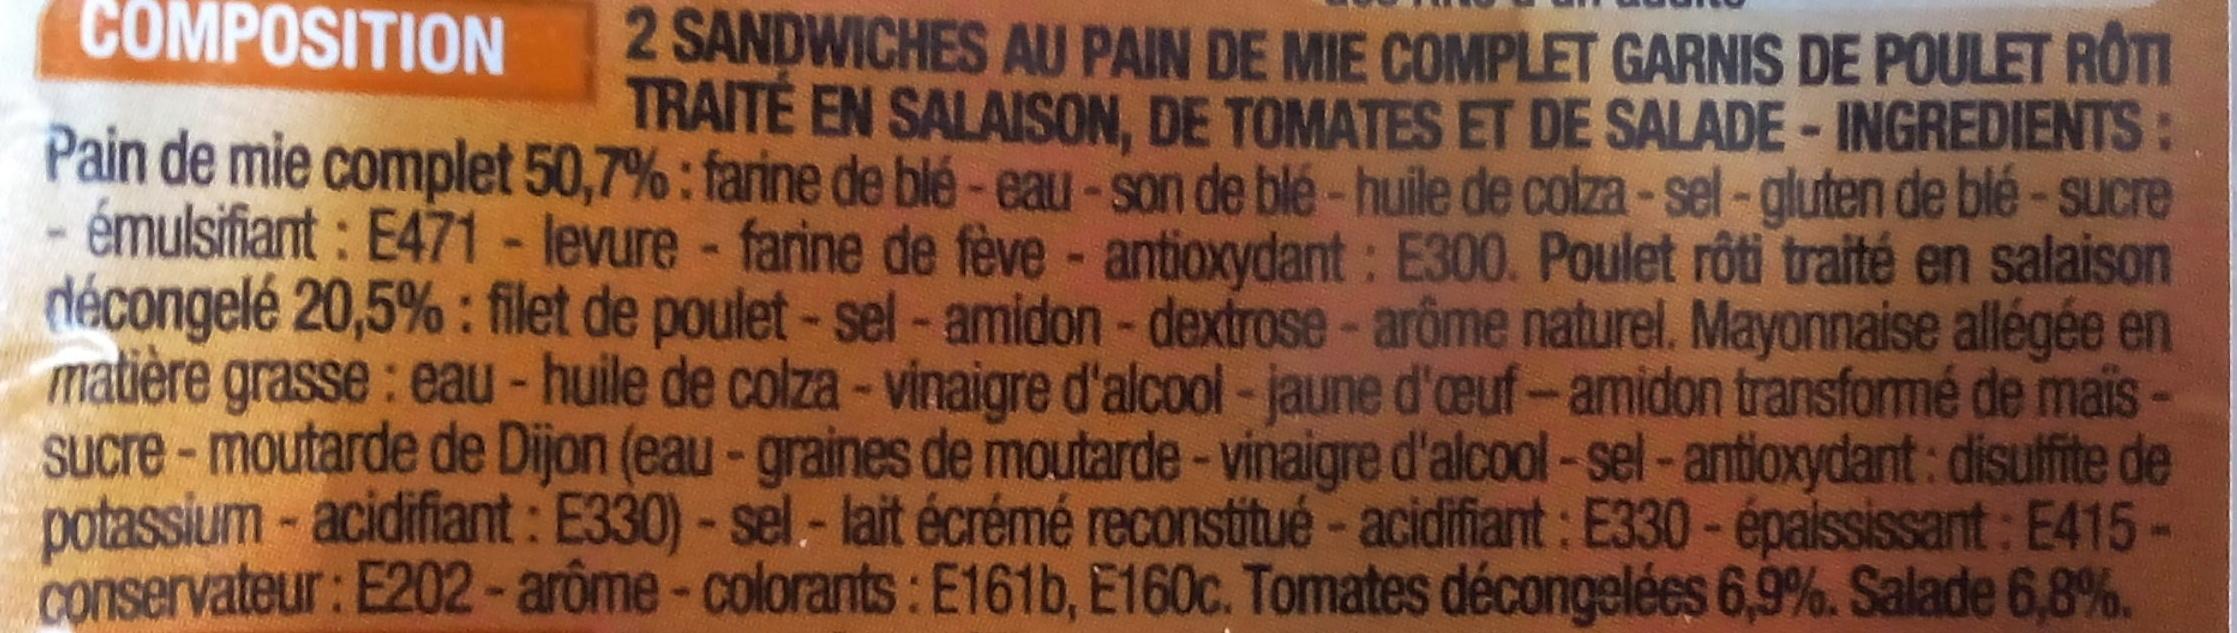 Sandwich poulet rôti, crudités au pain de mie complet - Ingrediënten - fr